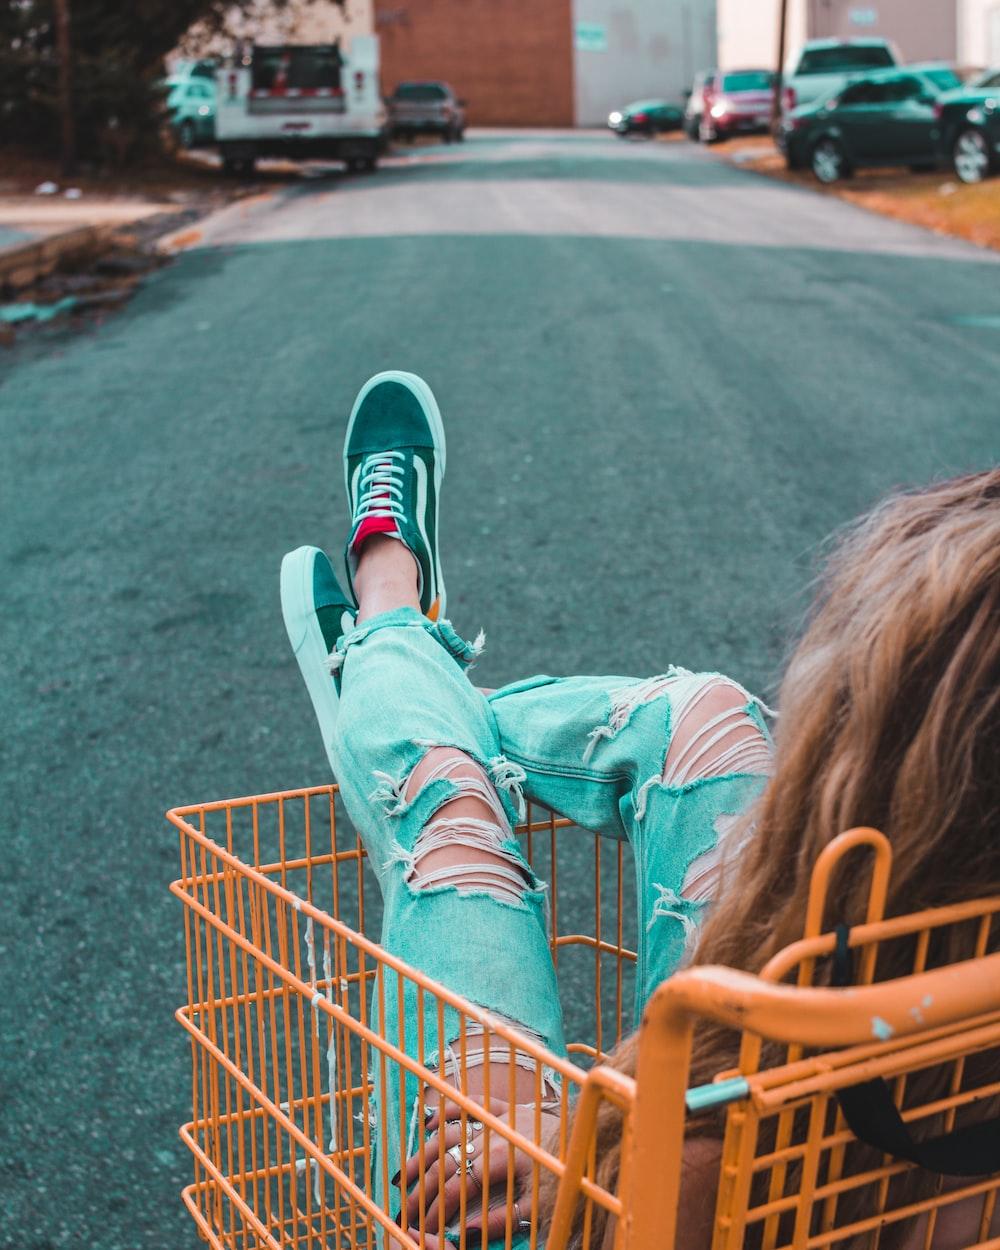 woman in shopping cart